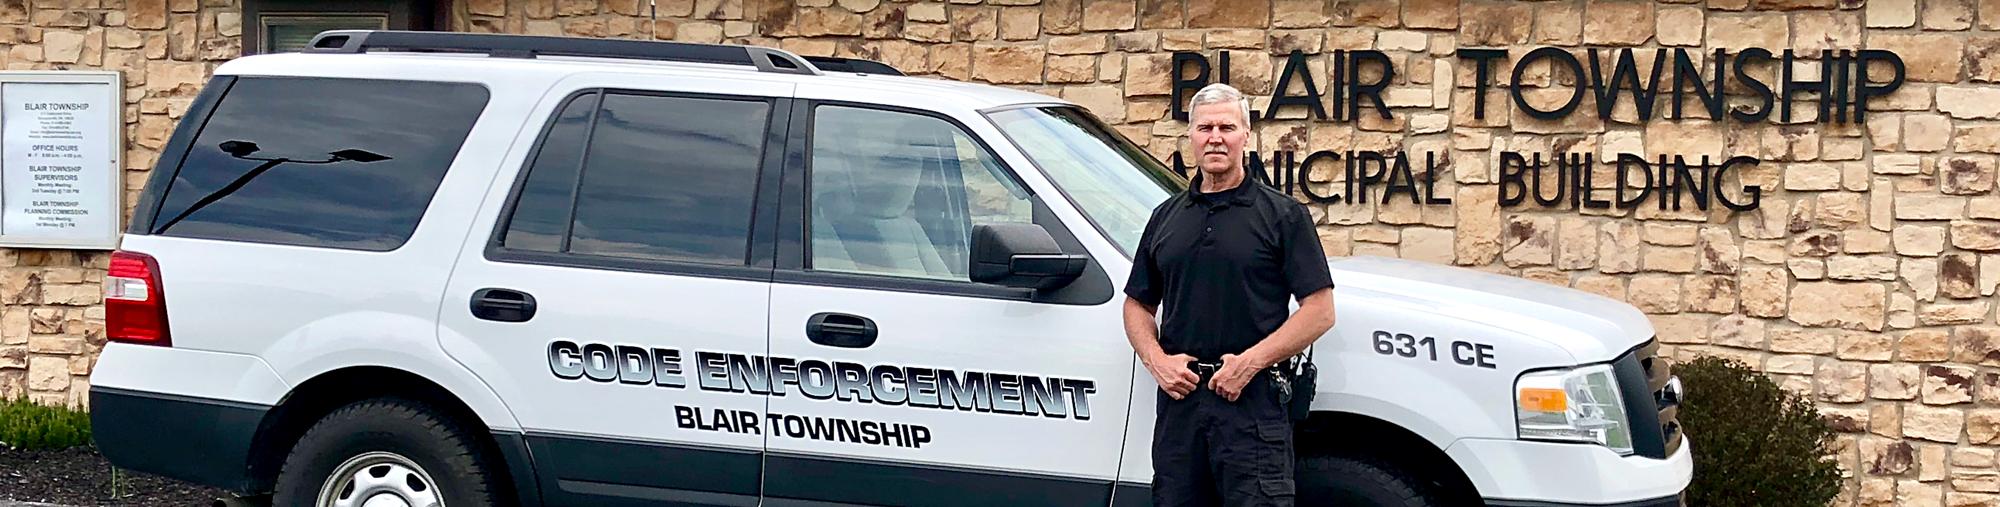 Code Enforcement / Ordinances | Blair Township